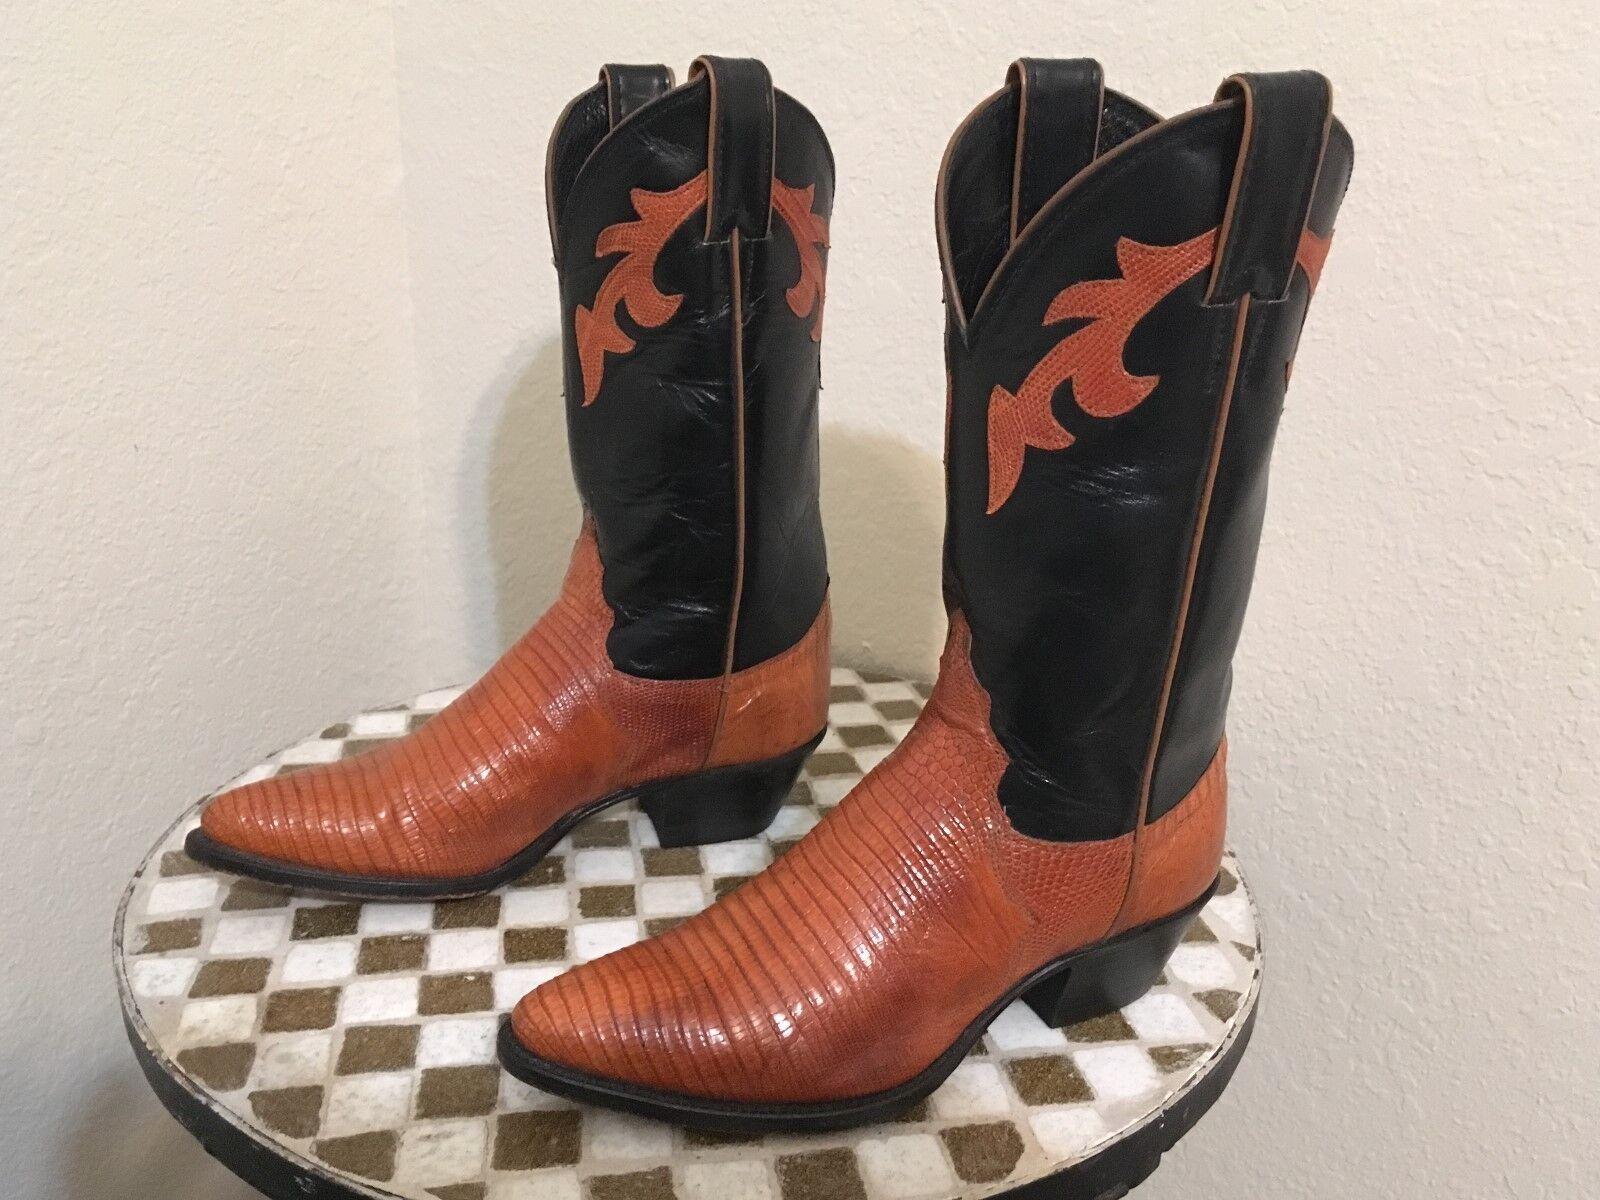 USA JUSTIN COGNAC LIZARD  WESTERN COWBOY ROCKABILLY TRAIL BOSS DANCE BOOTS 5.5 B